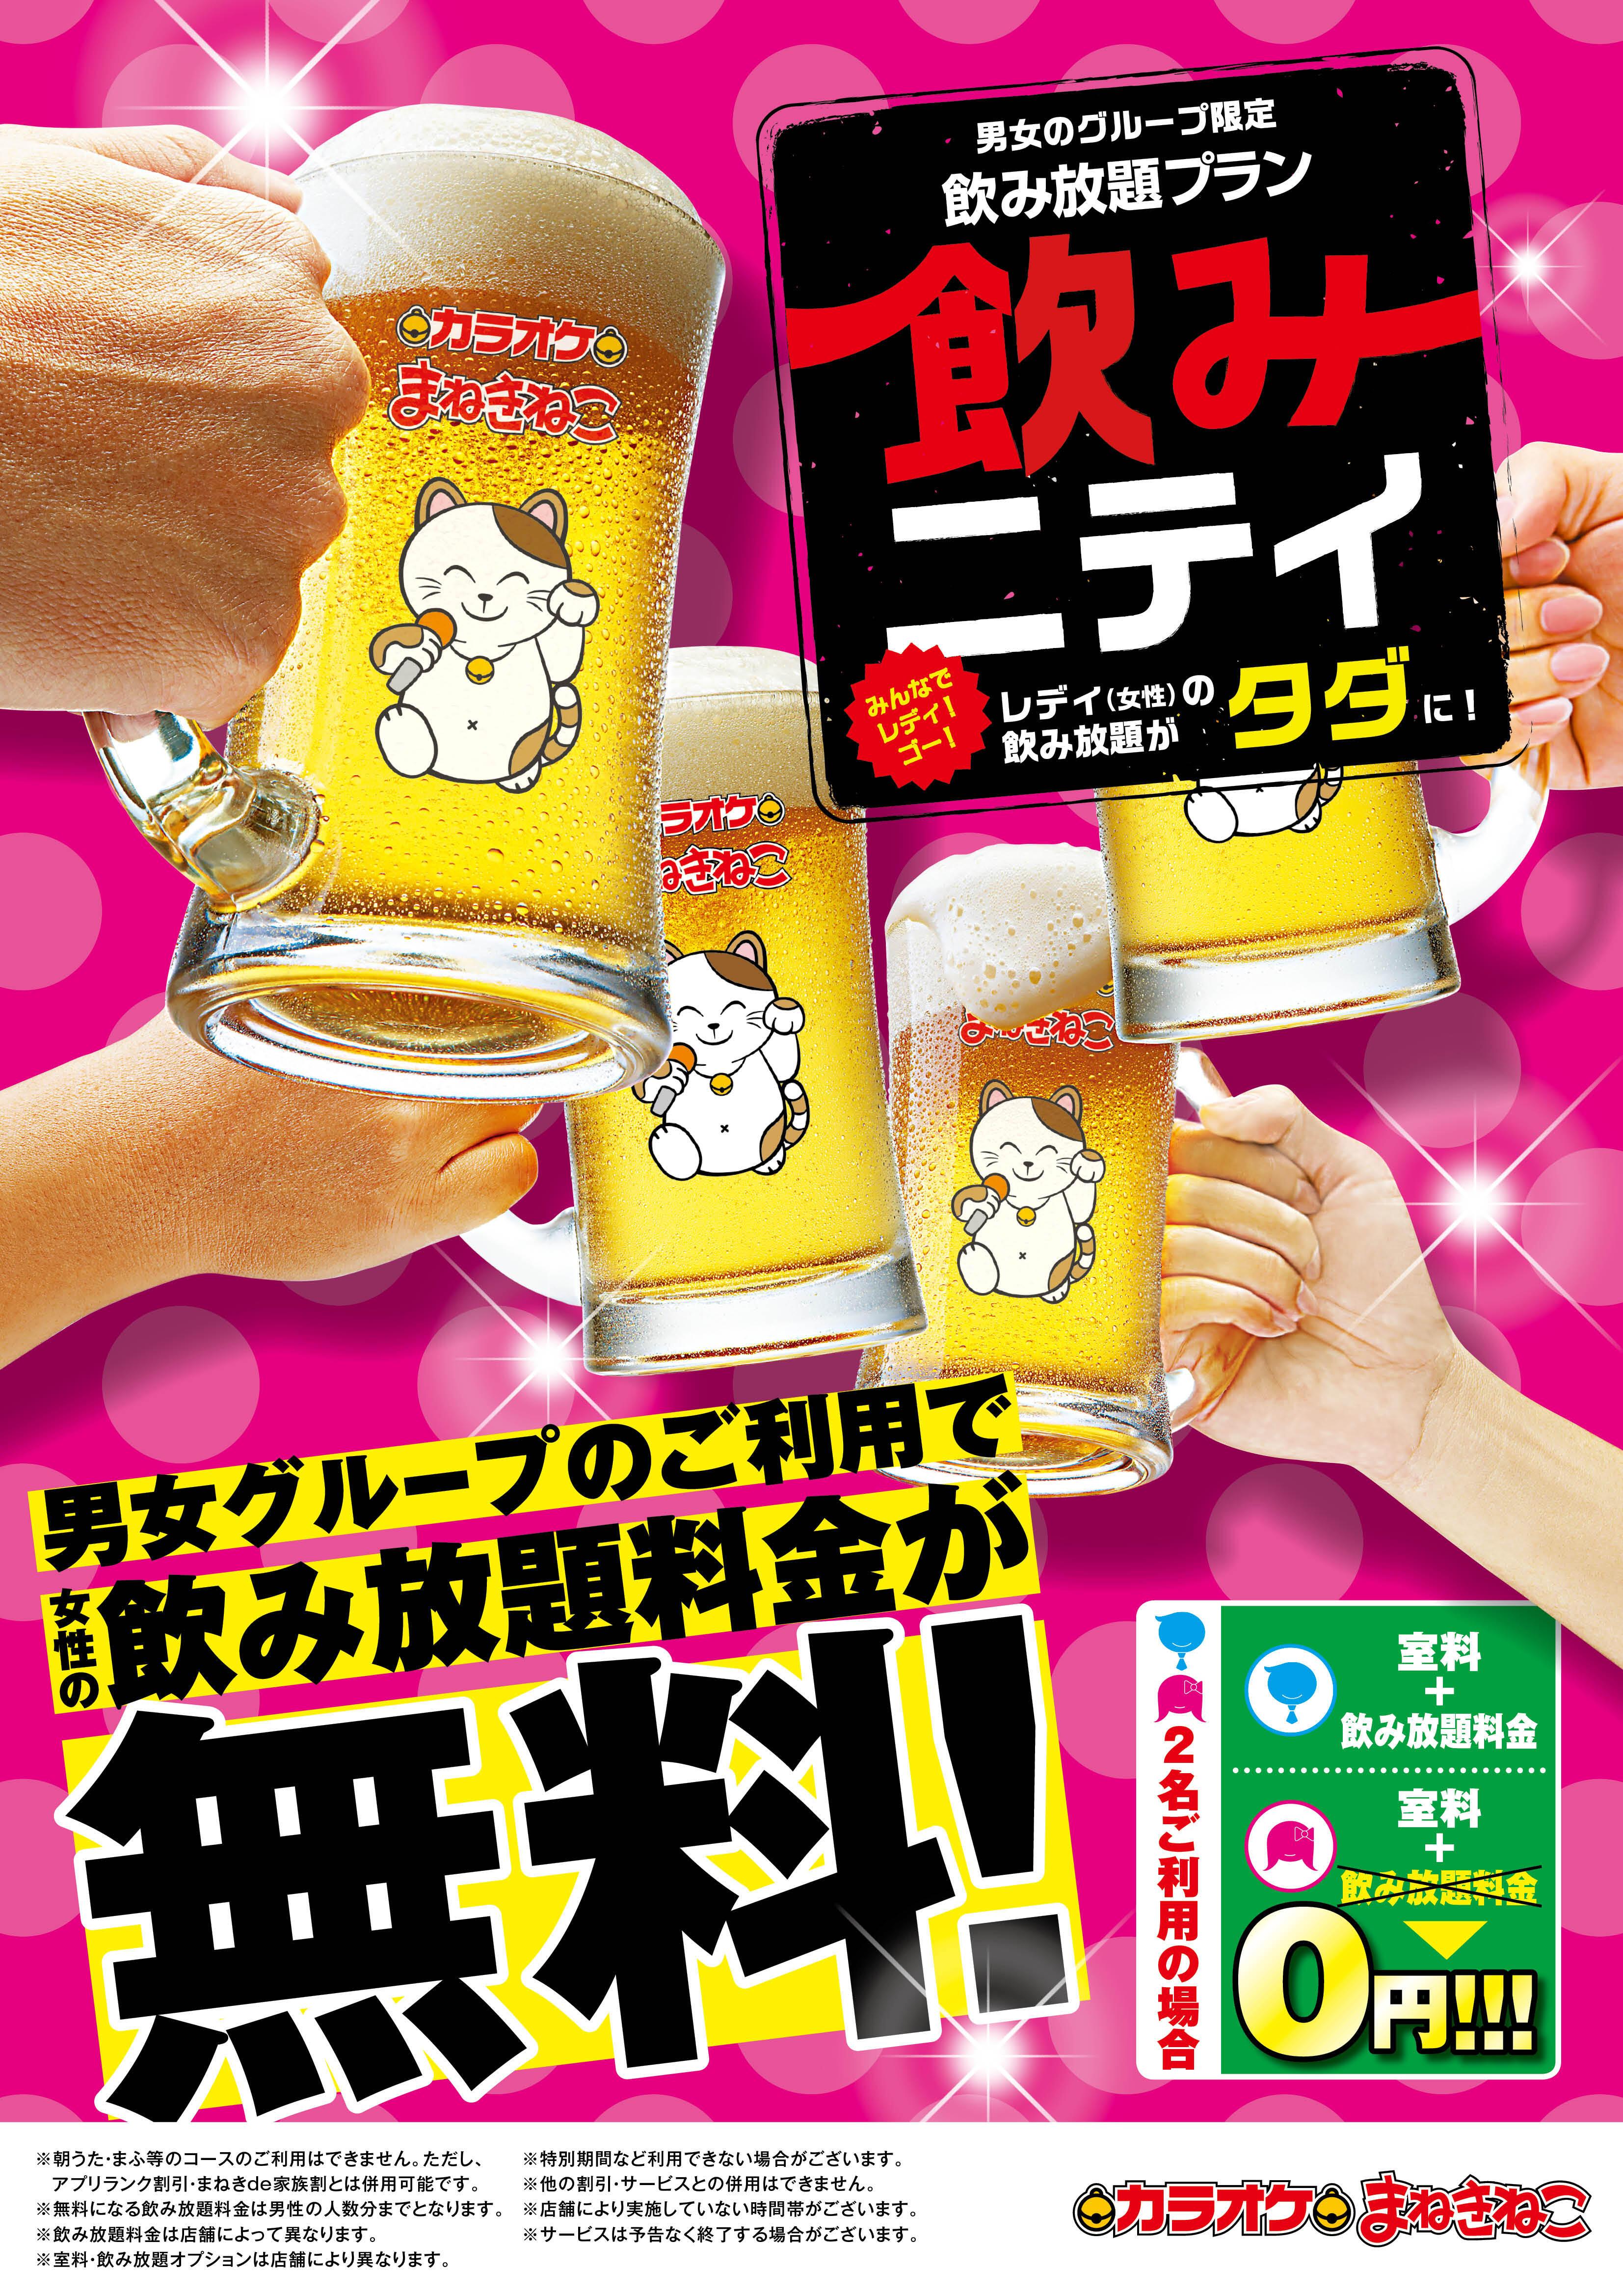 カラオケまねきねこの2020年1月14日~より全店実施!女性の飲み放題が無料!【 飲みニティ 】!のキャンペーン・フェアの詳細